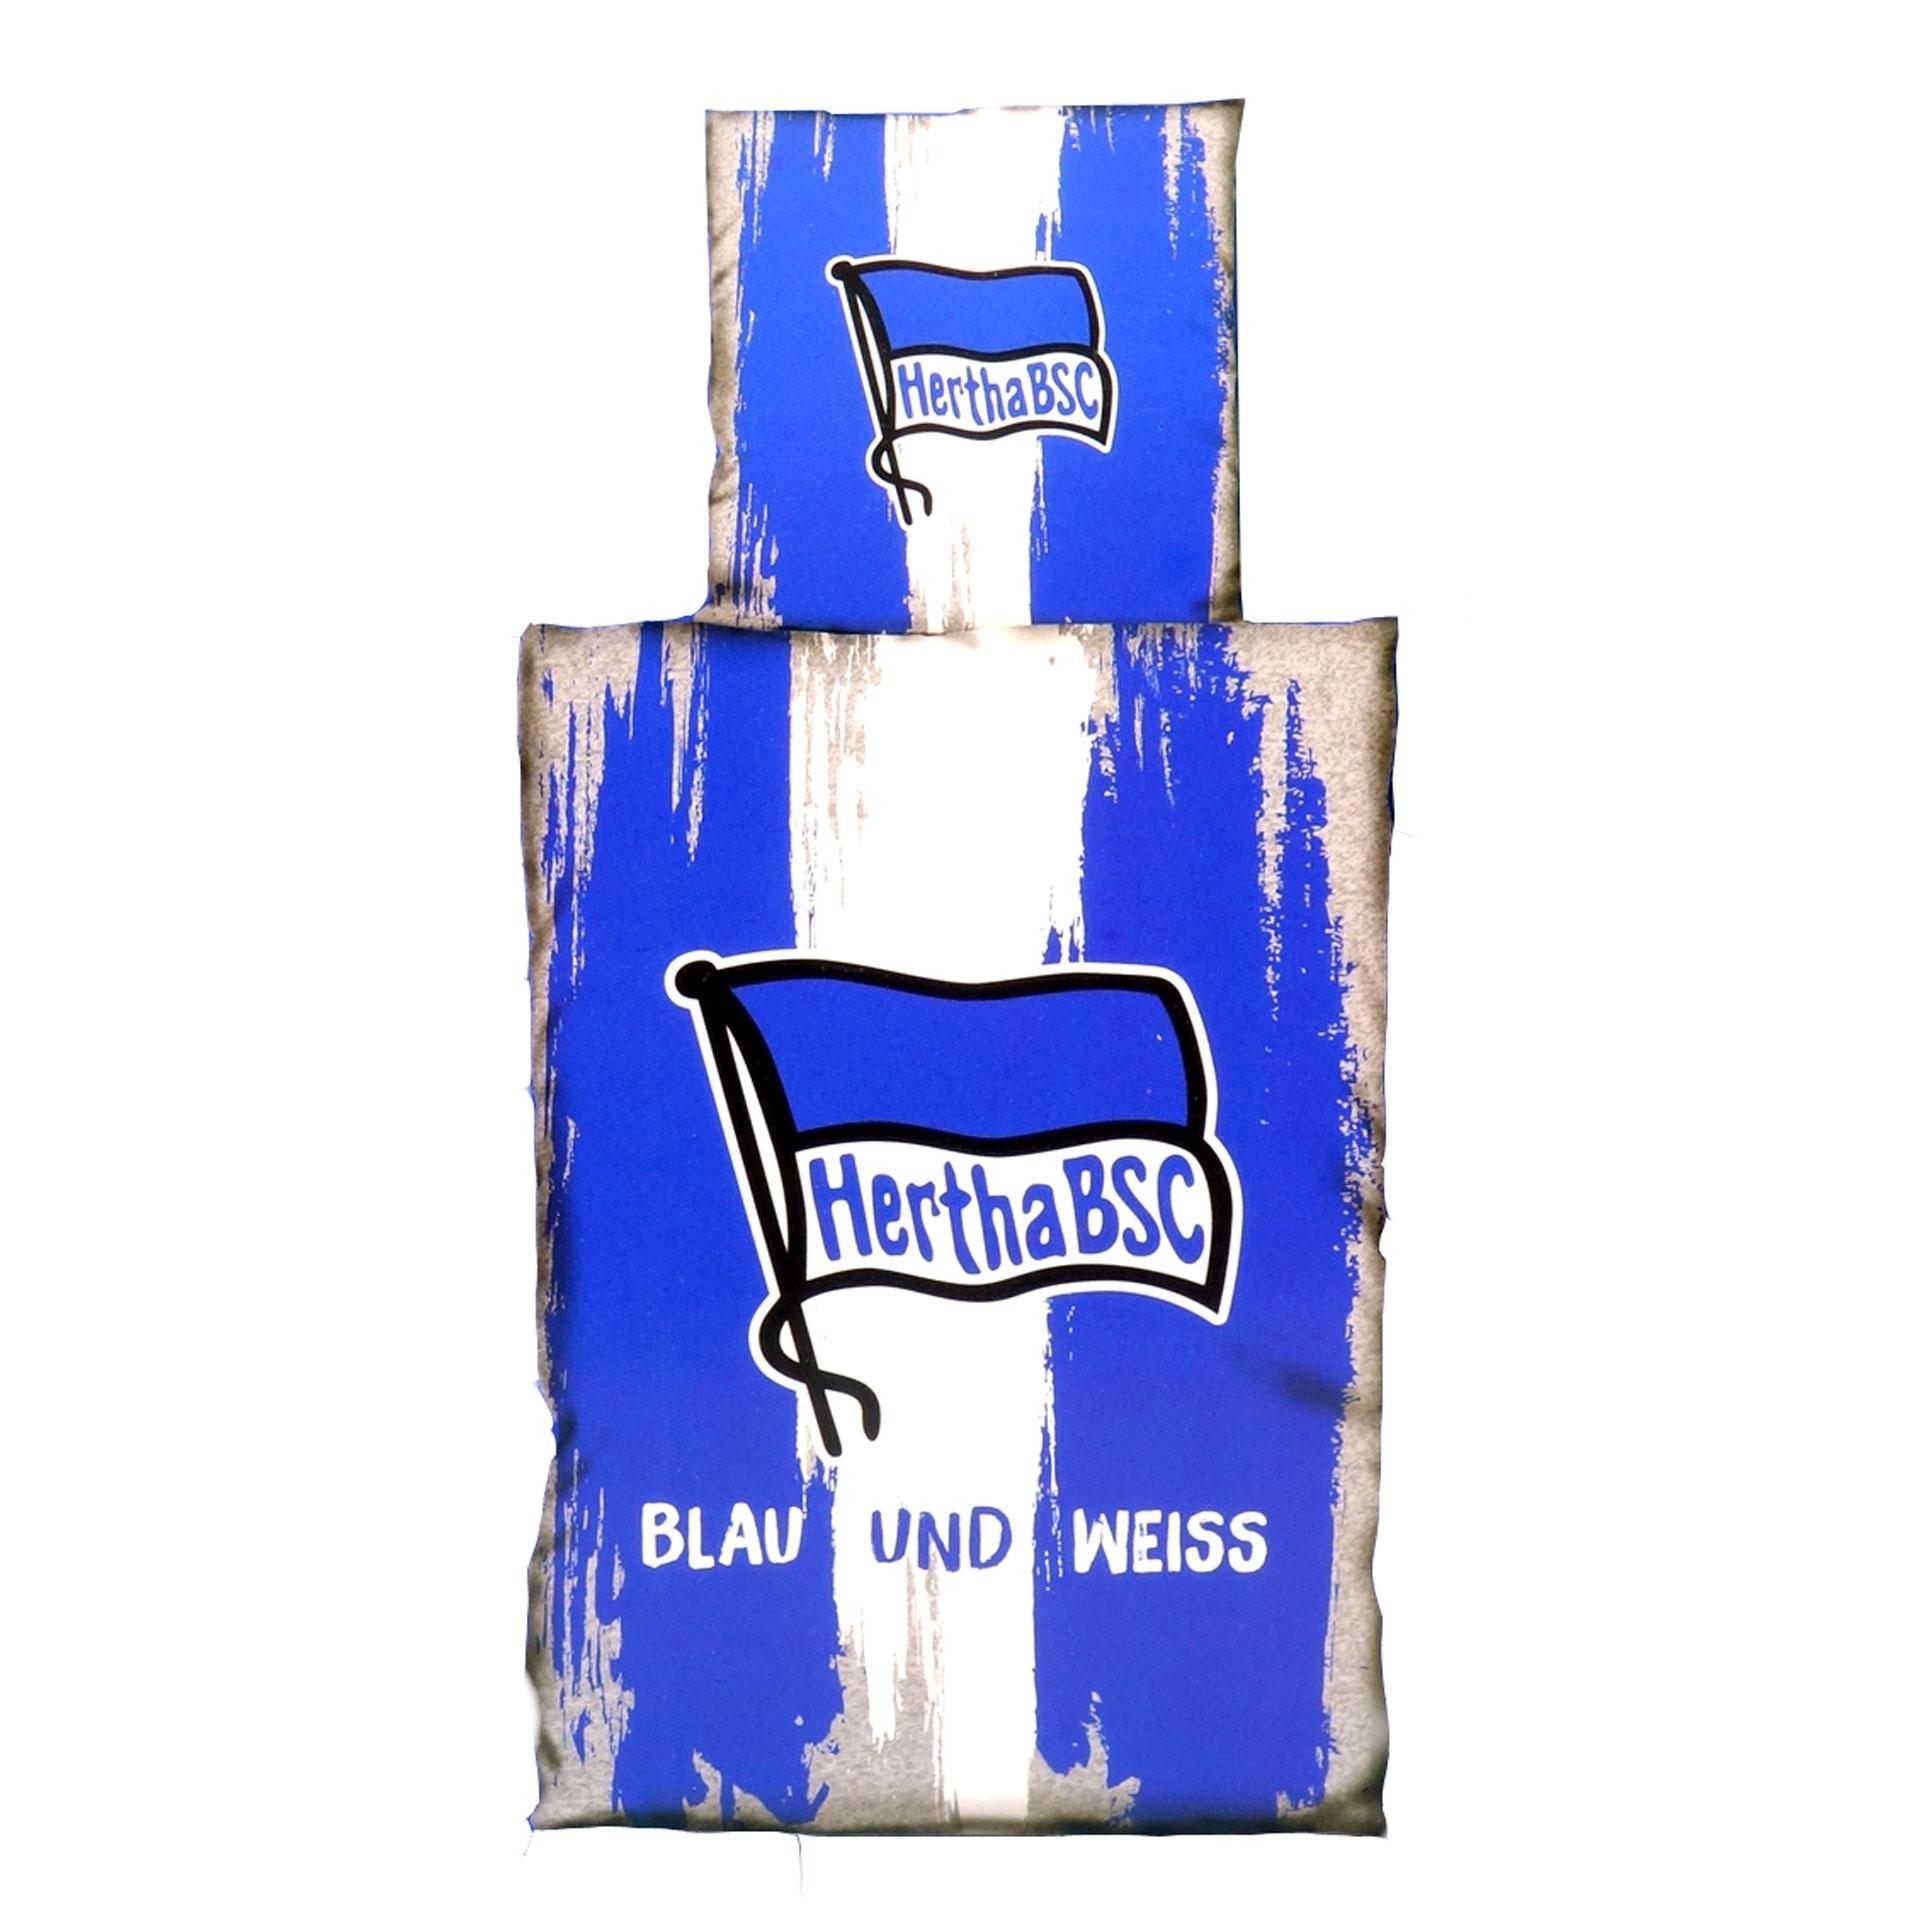 Hertha BSC Bettwäsche Blau Und Weiß